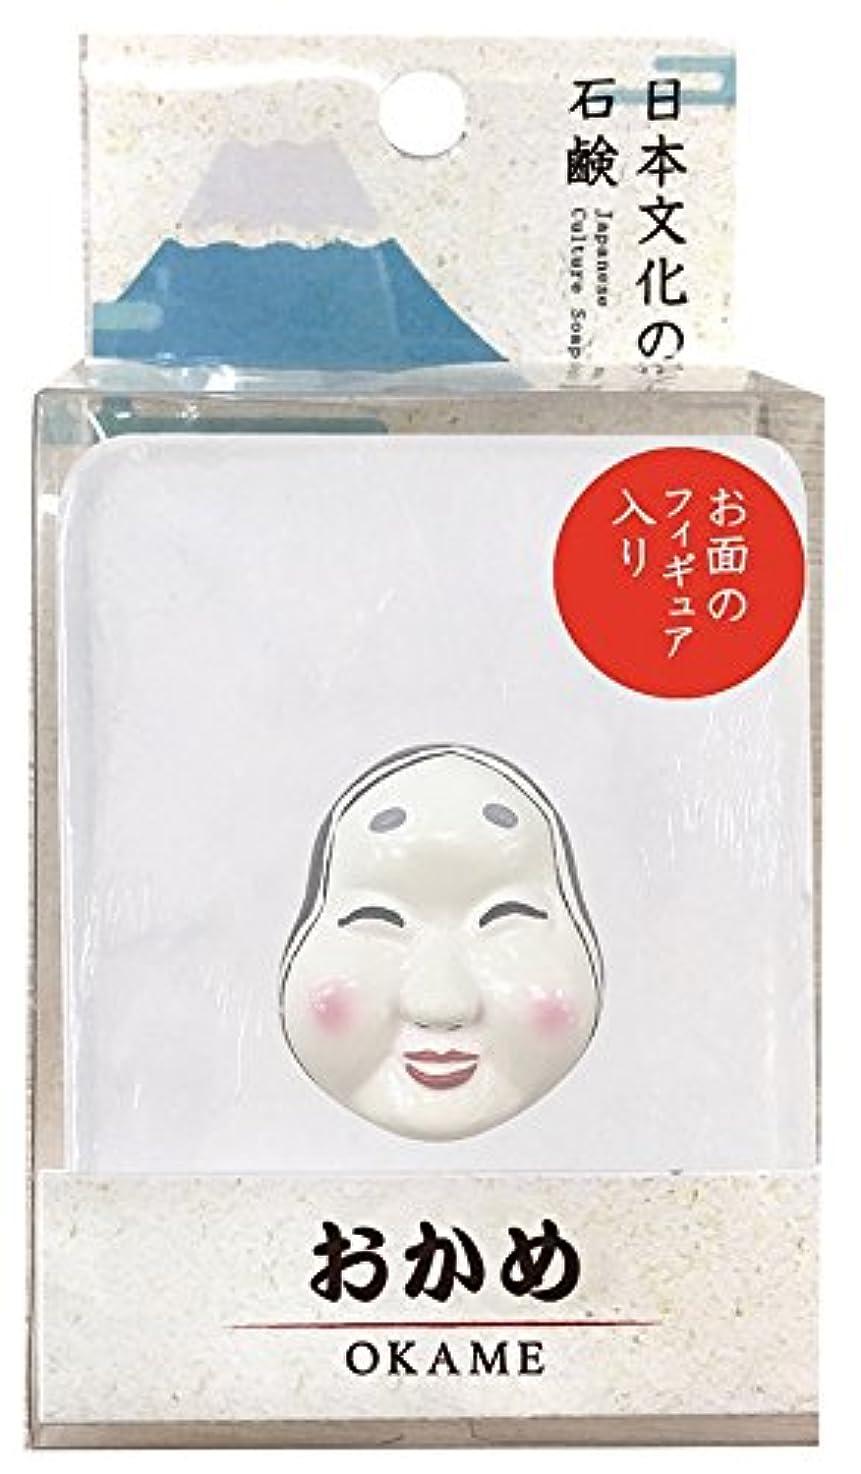 不毛の電話物理的なノルコーポレーション 石鹸 日本文化の石鹸 おかめ 140g フィギュア付き OB-JCP-1-4